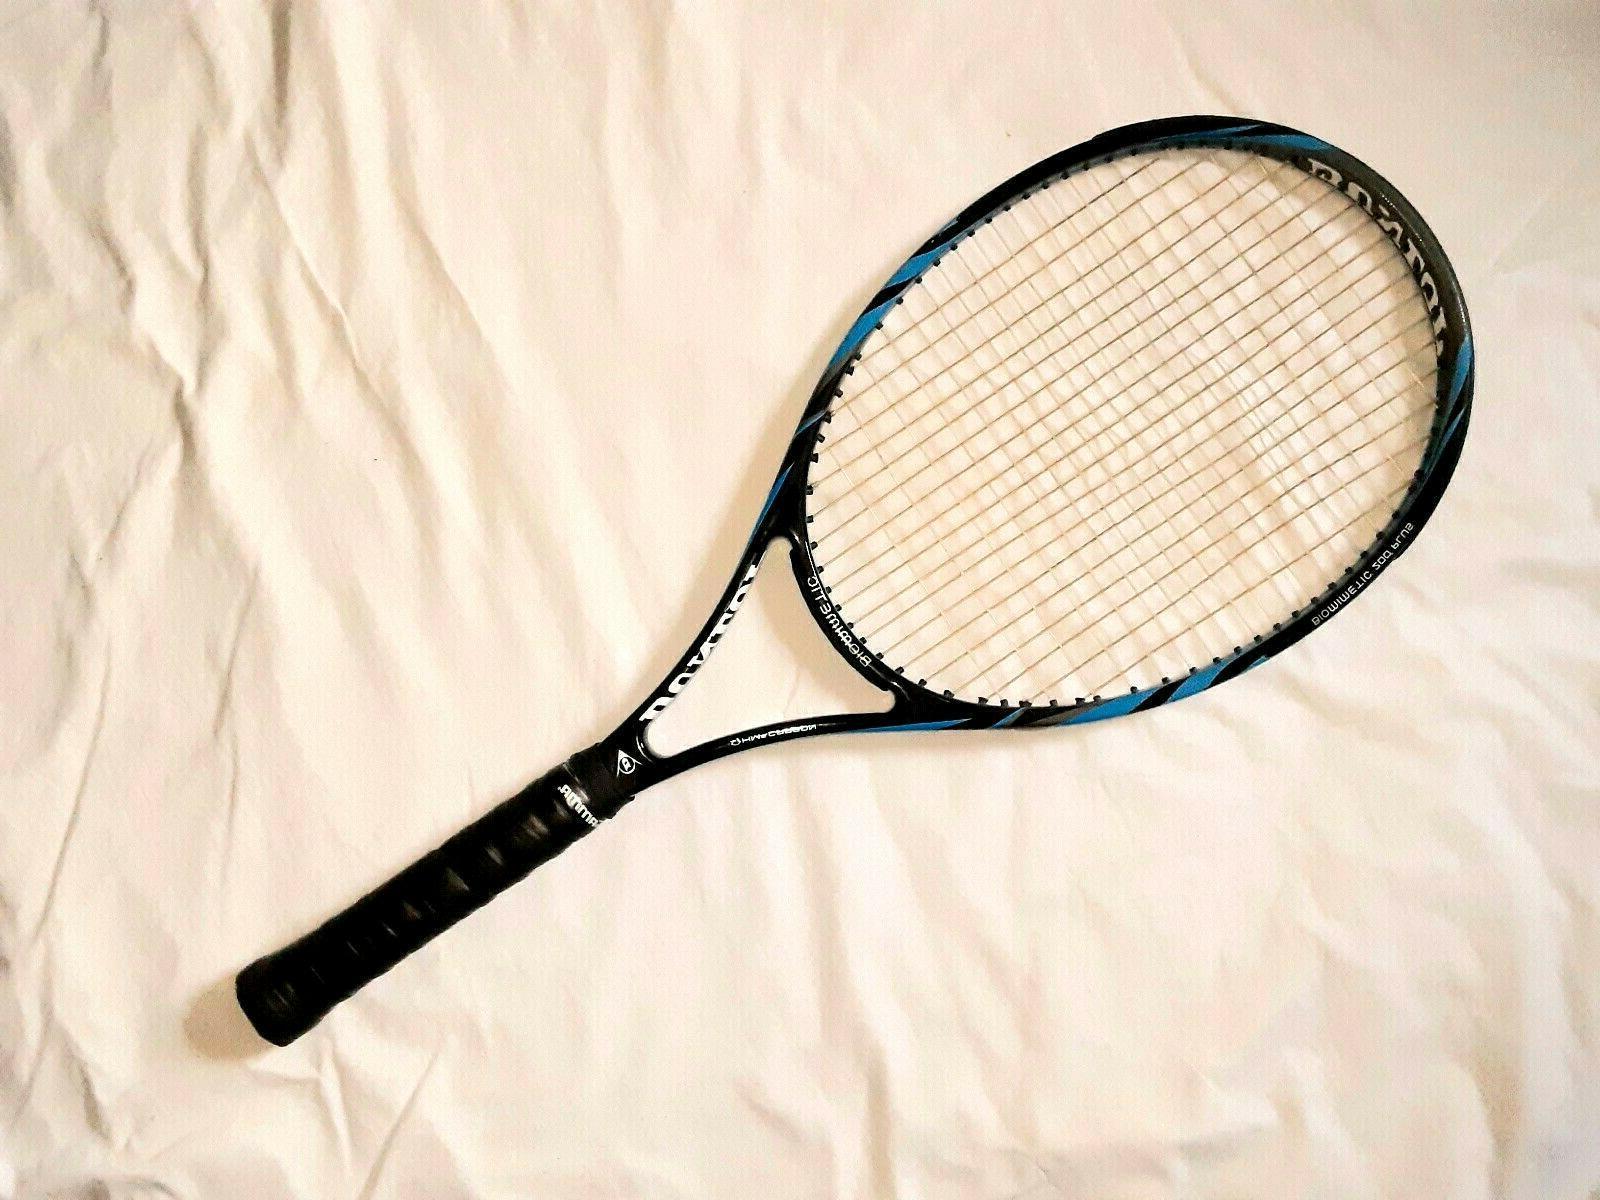 Dunlop Biomimetic 3/8 Tennis Excellent Condition